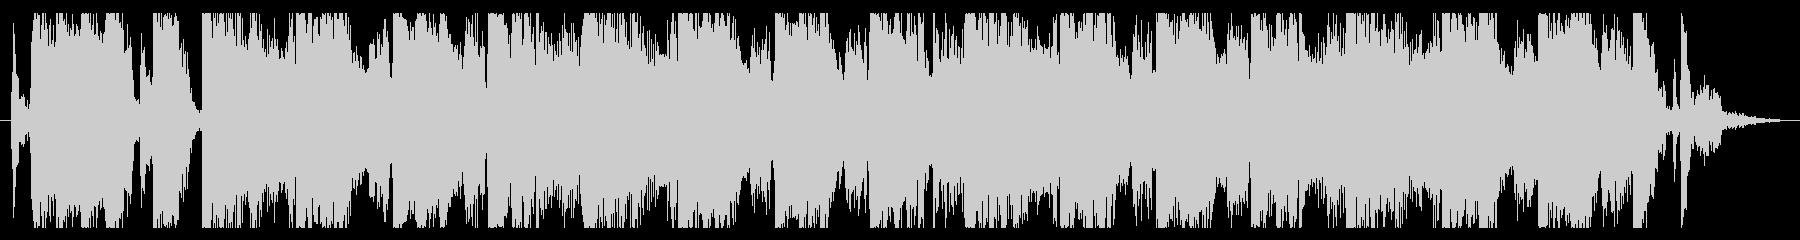 マイナーな雰囲気のロック_No390_4の未再生の波形